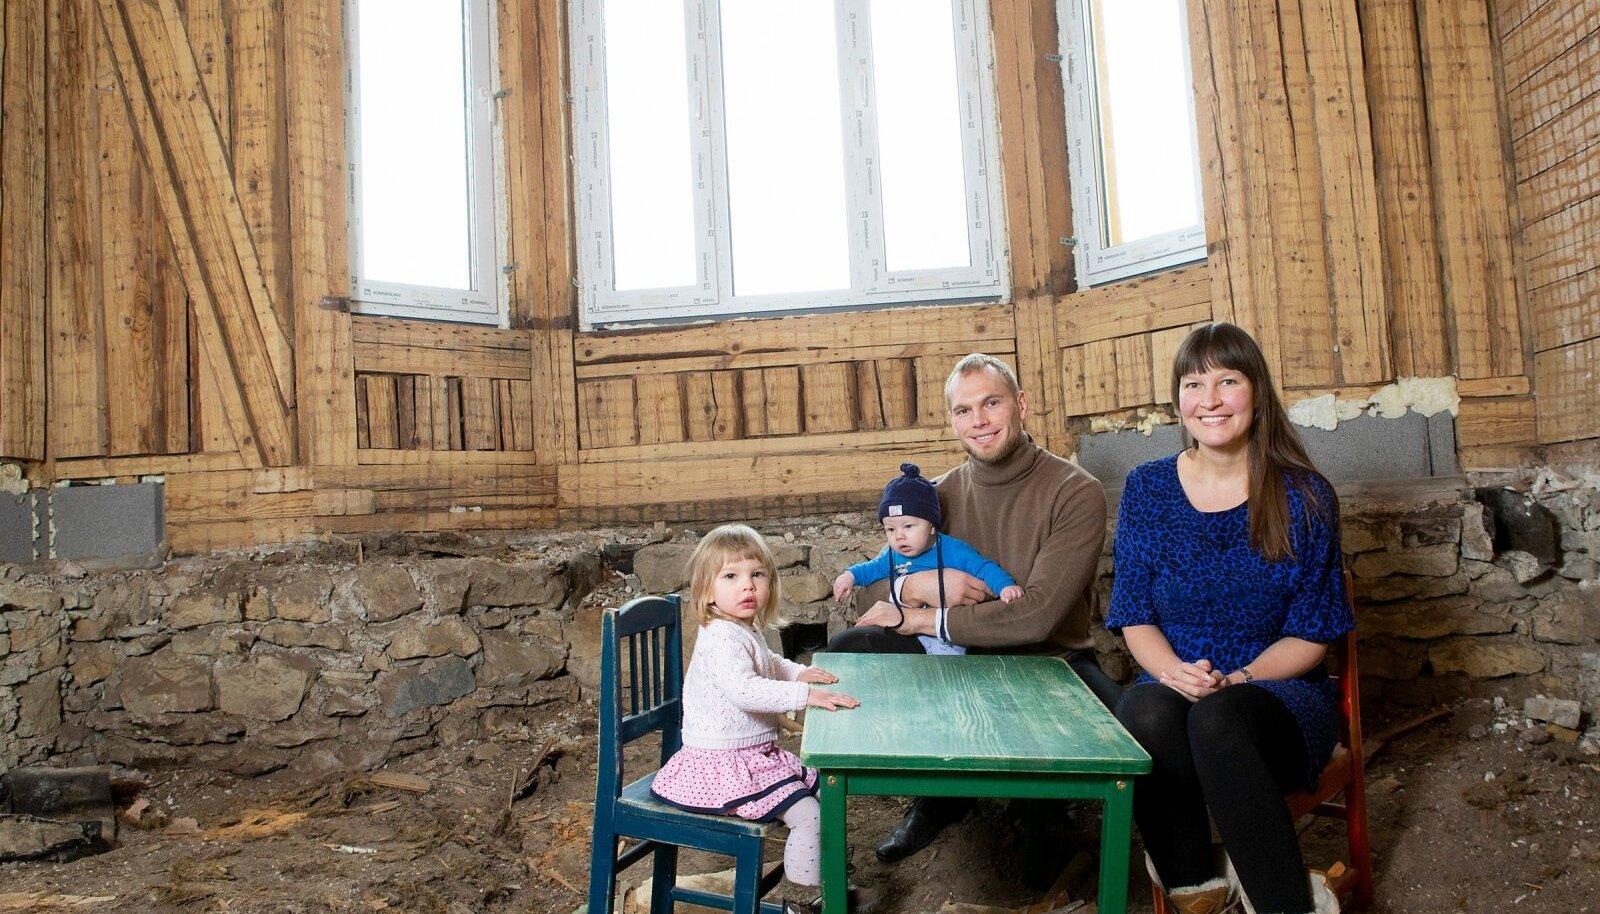 Mari-Vivian ja Priit koos lastega oma kodu kõrvalkorteris, kuhu pereisa ehitab uut magamistuba.